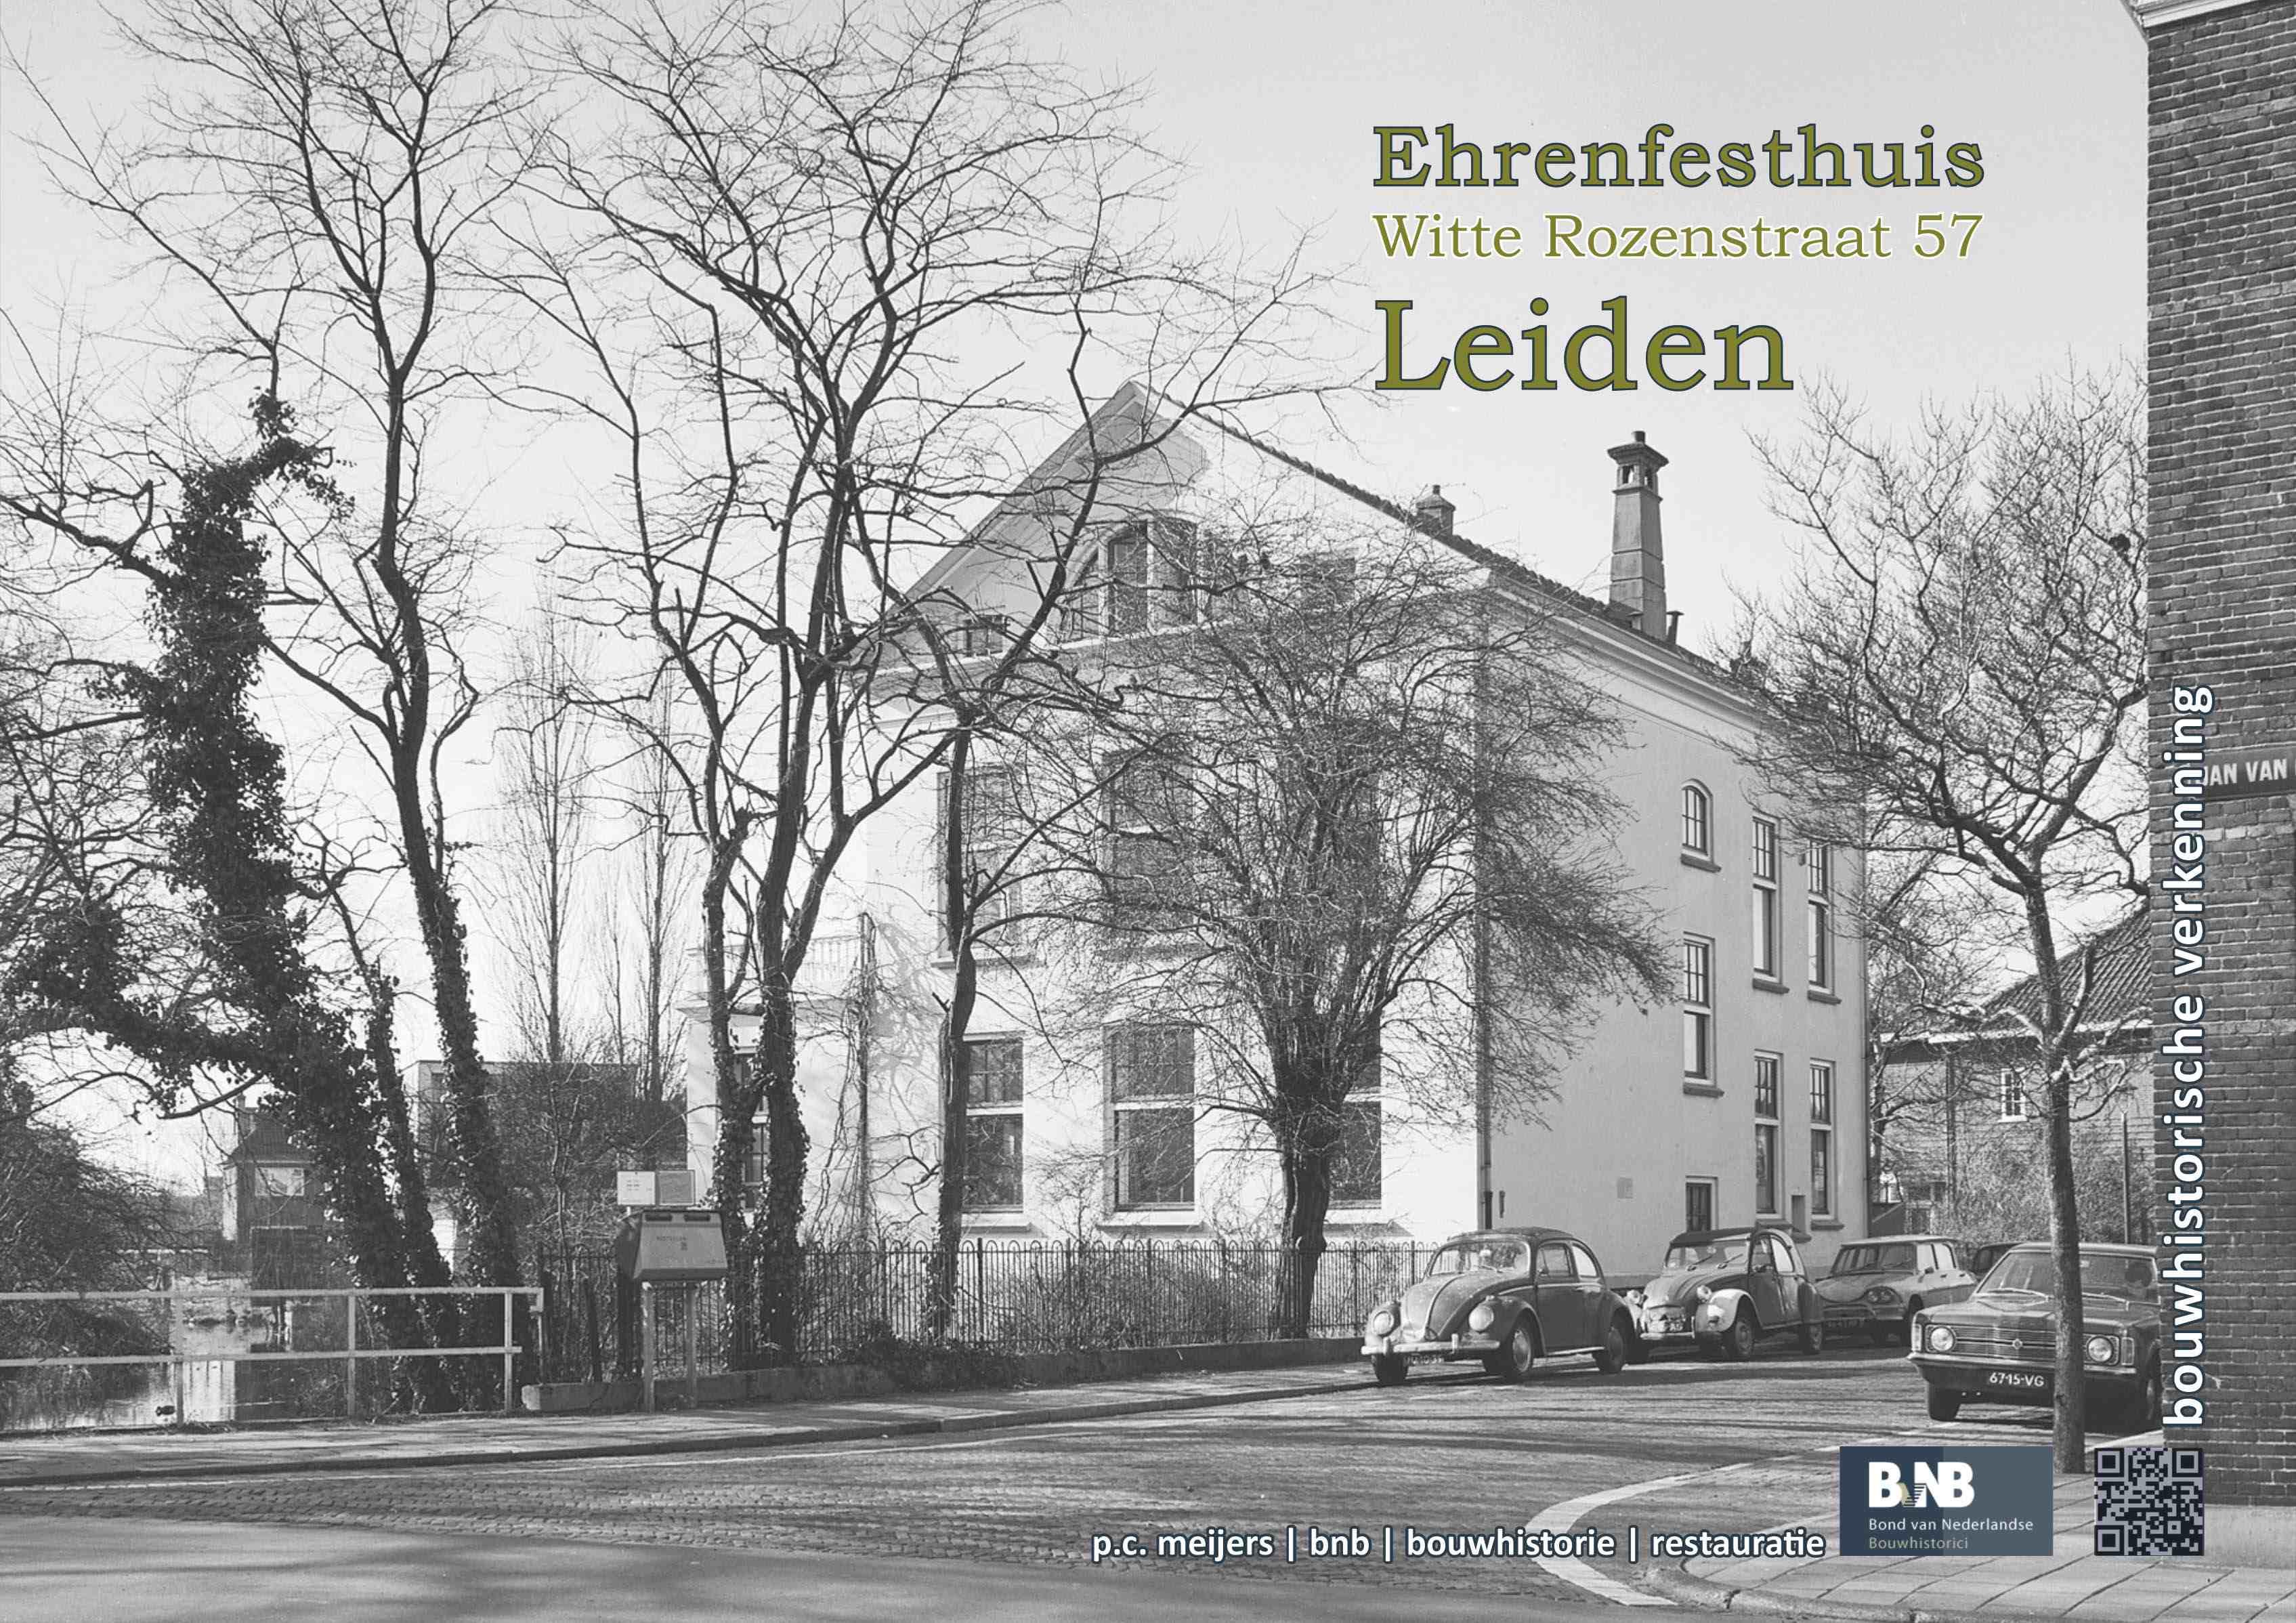 Ehrenfesthuis, Witte Rozenstraat 57, Leiden